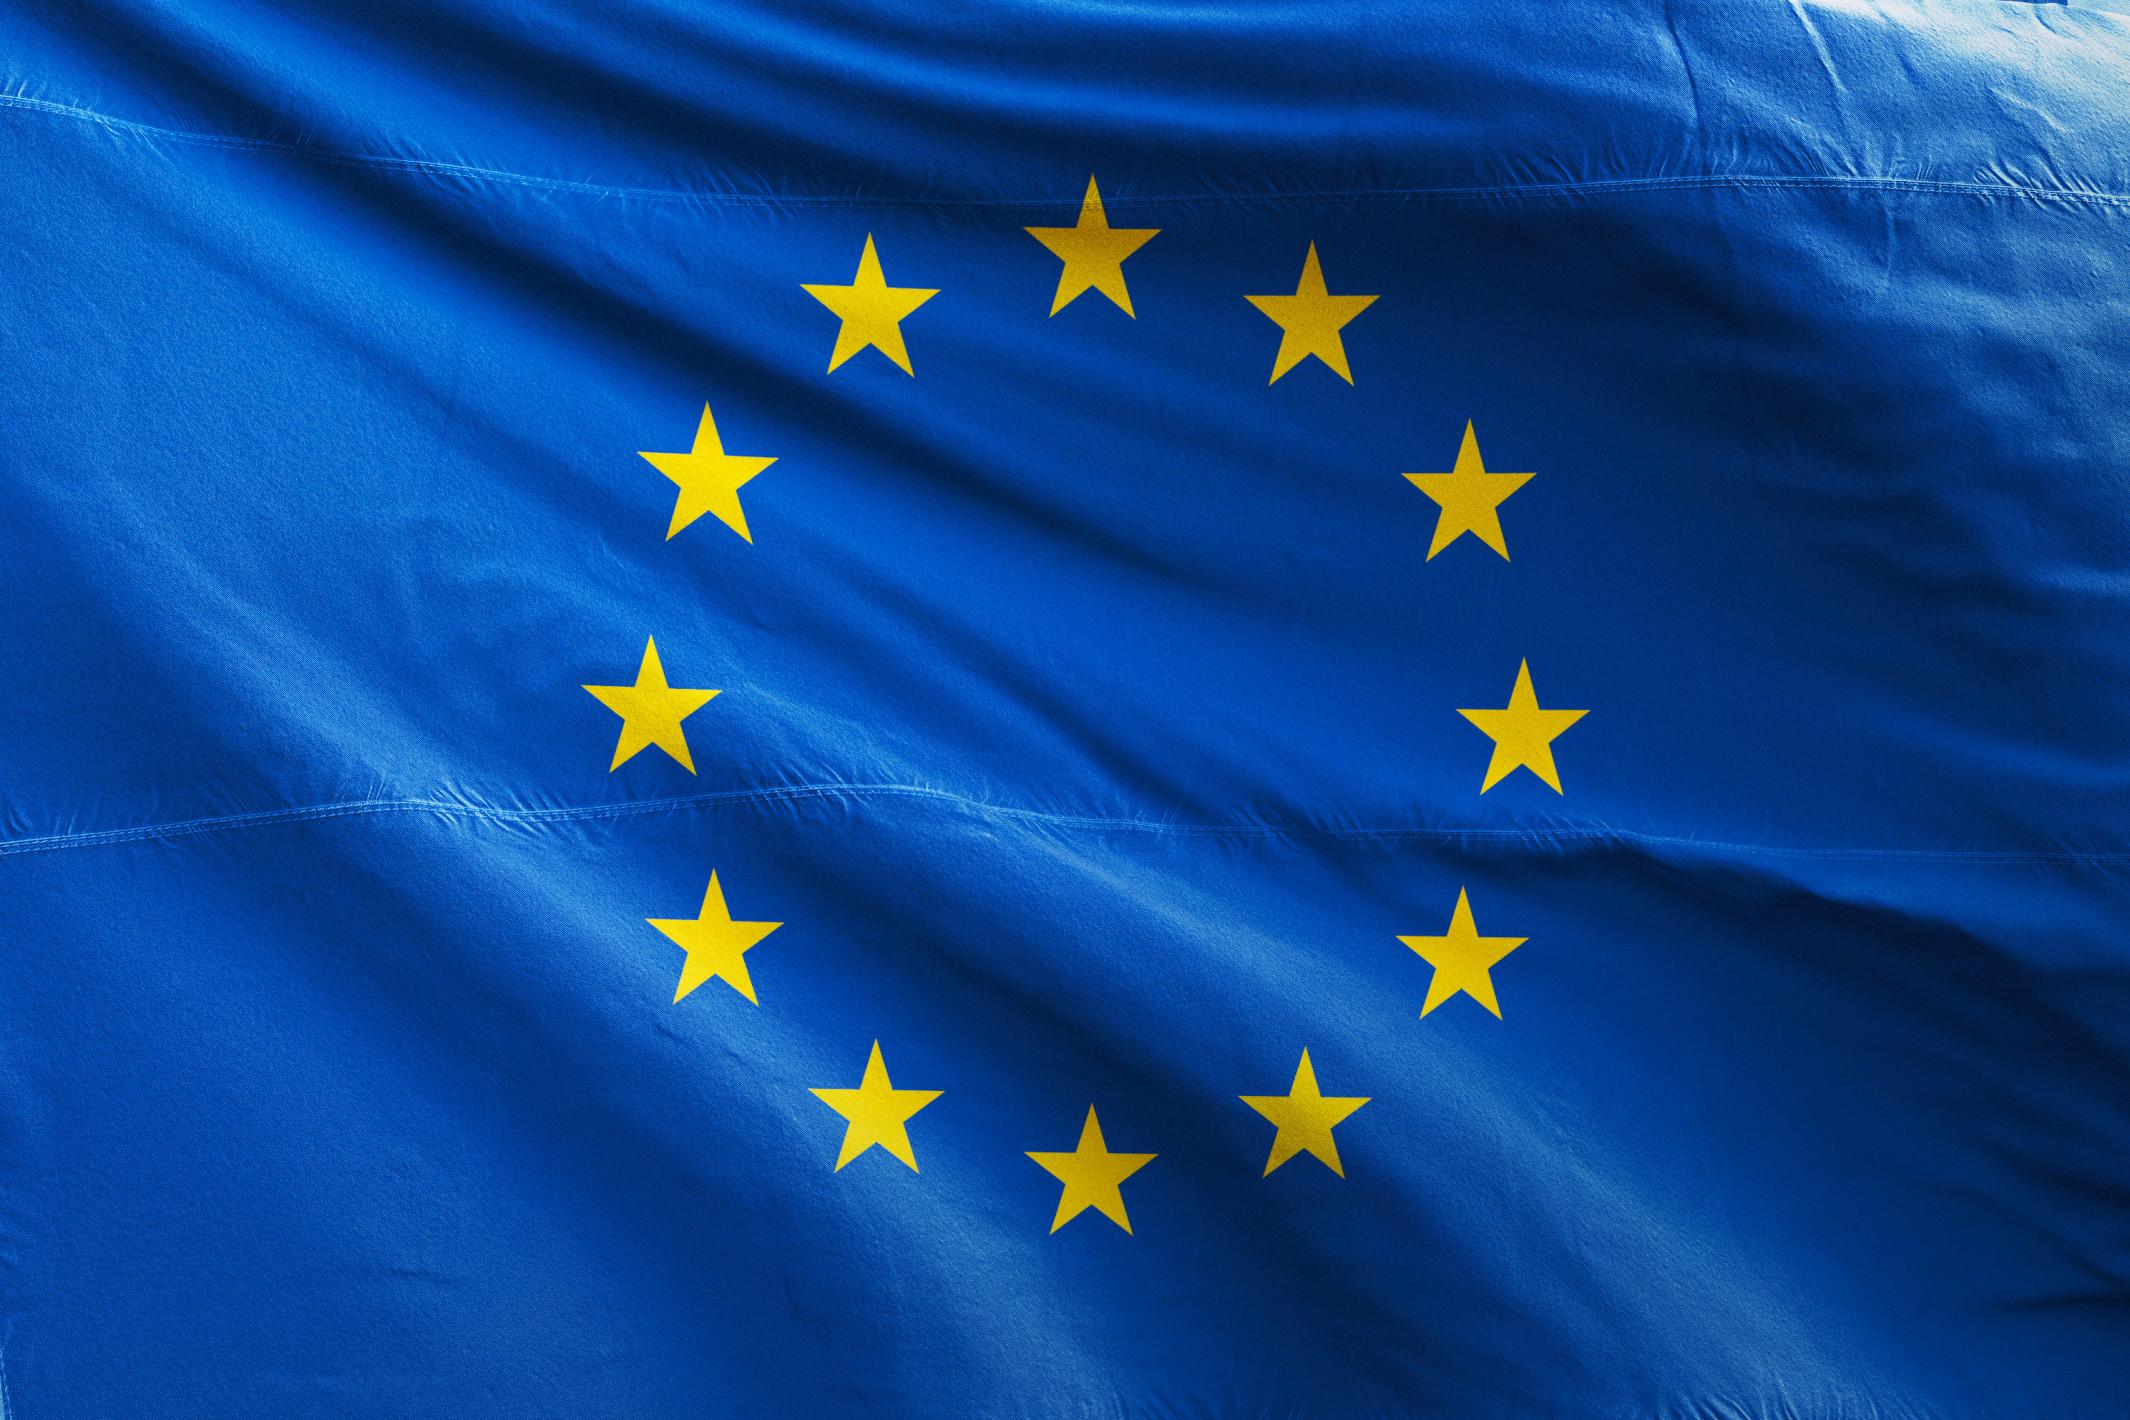 Pour une Renaissance européenne